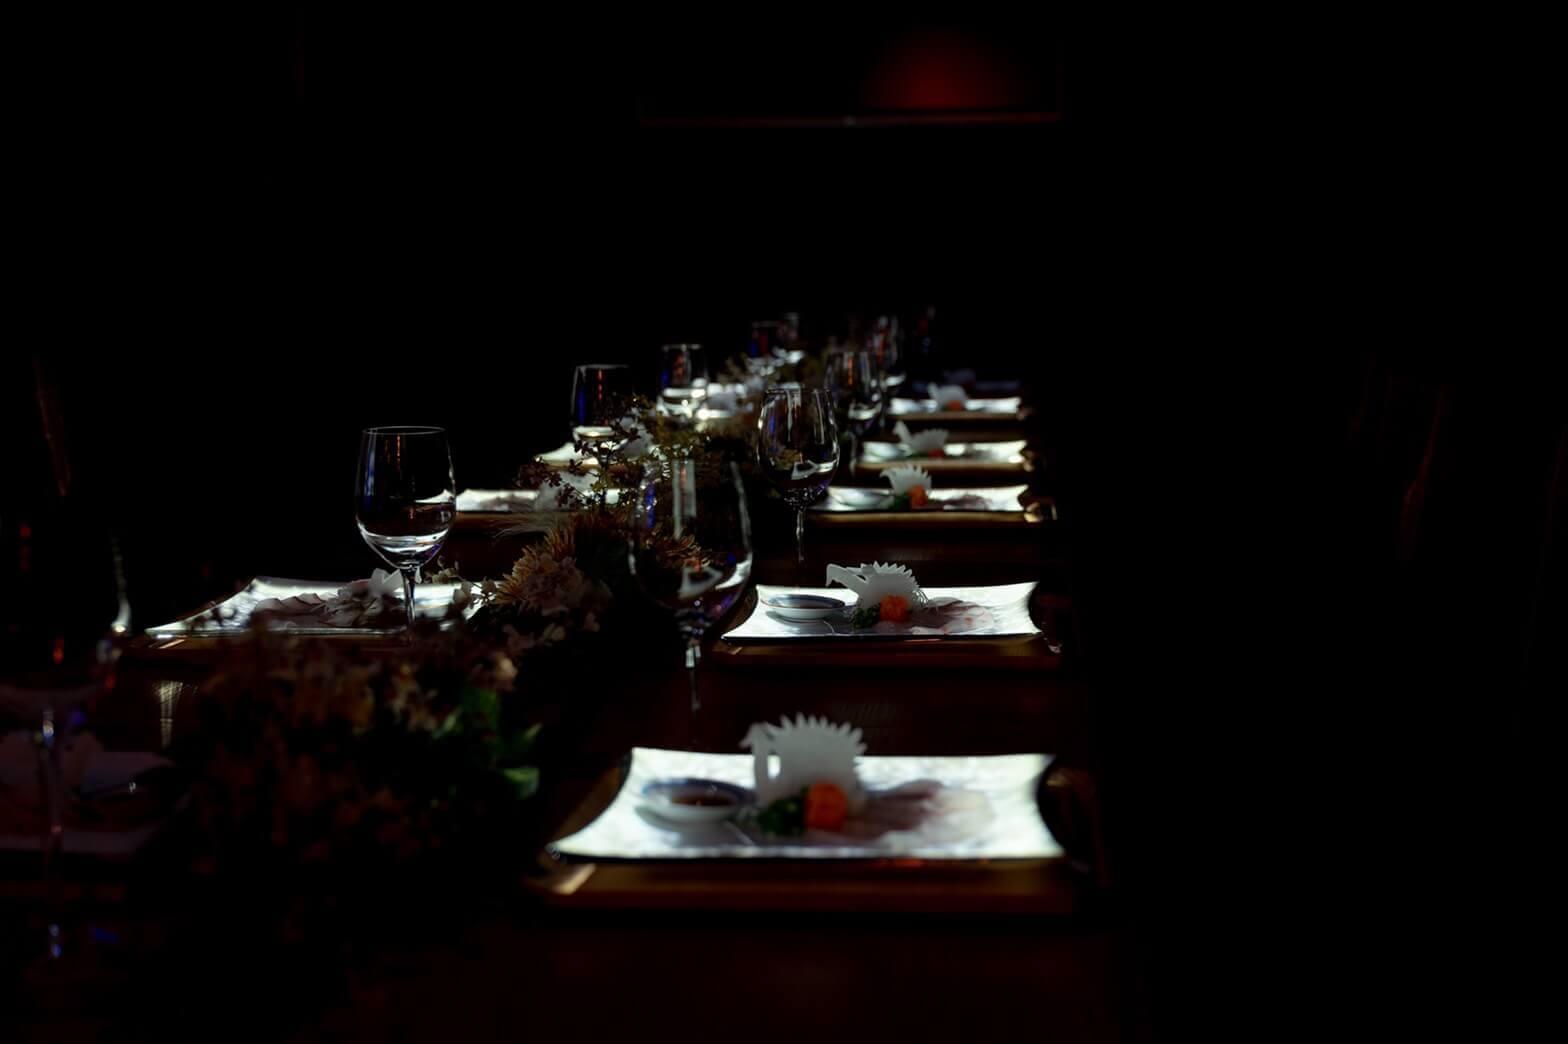 雪灯りのレストランの料理